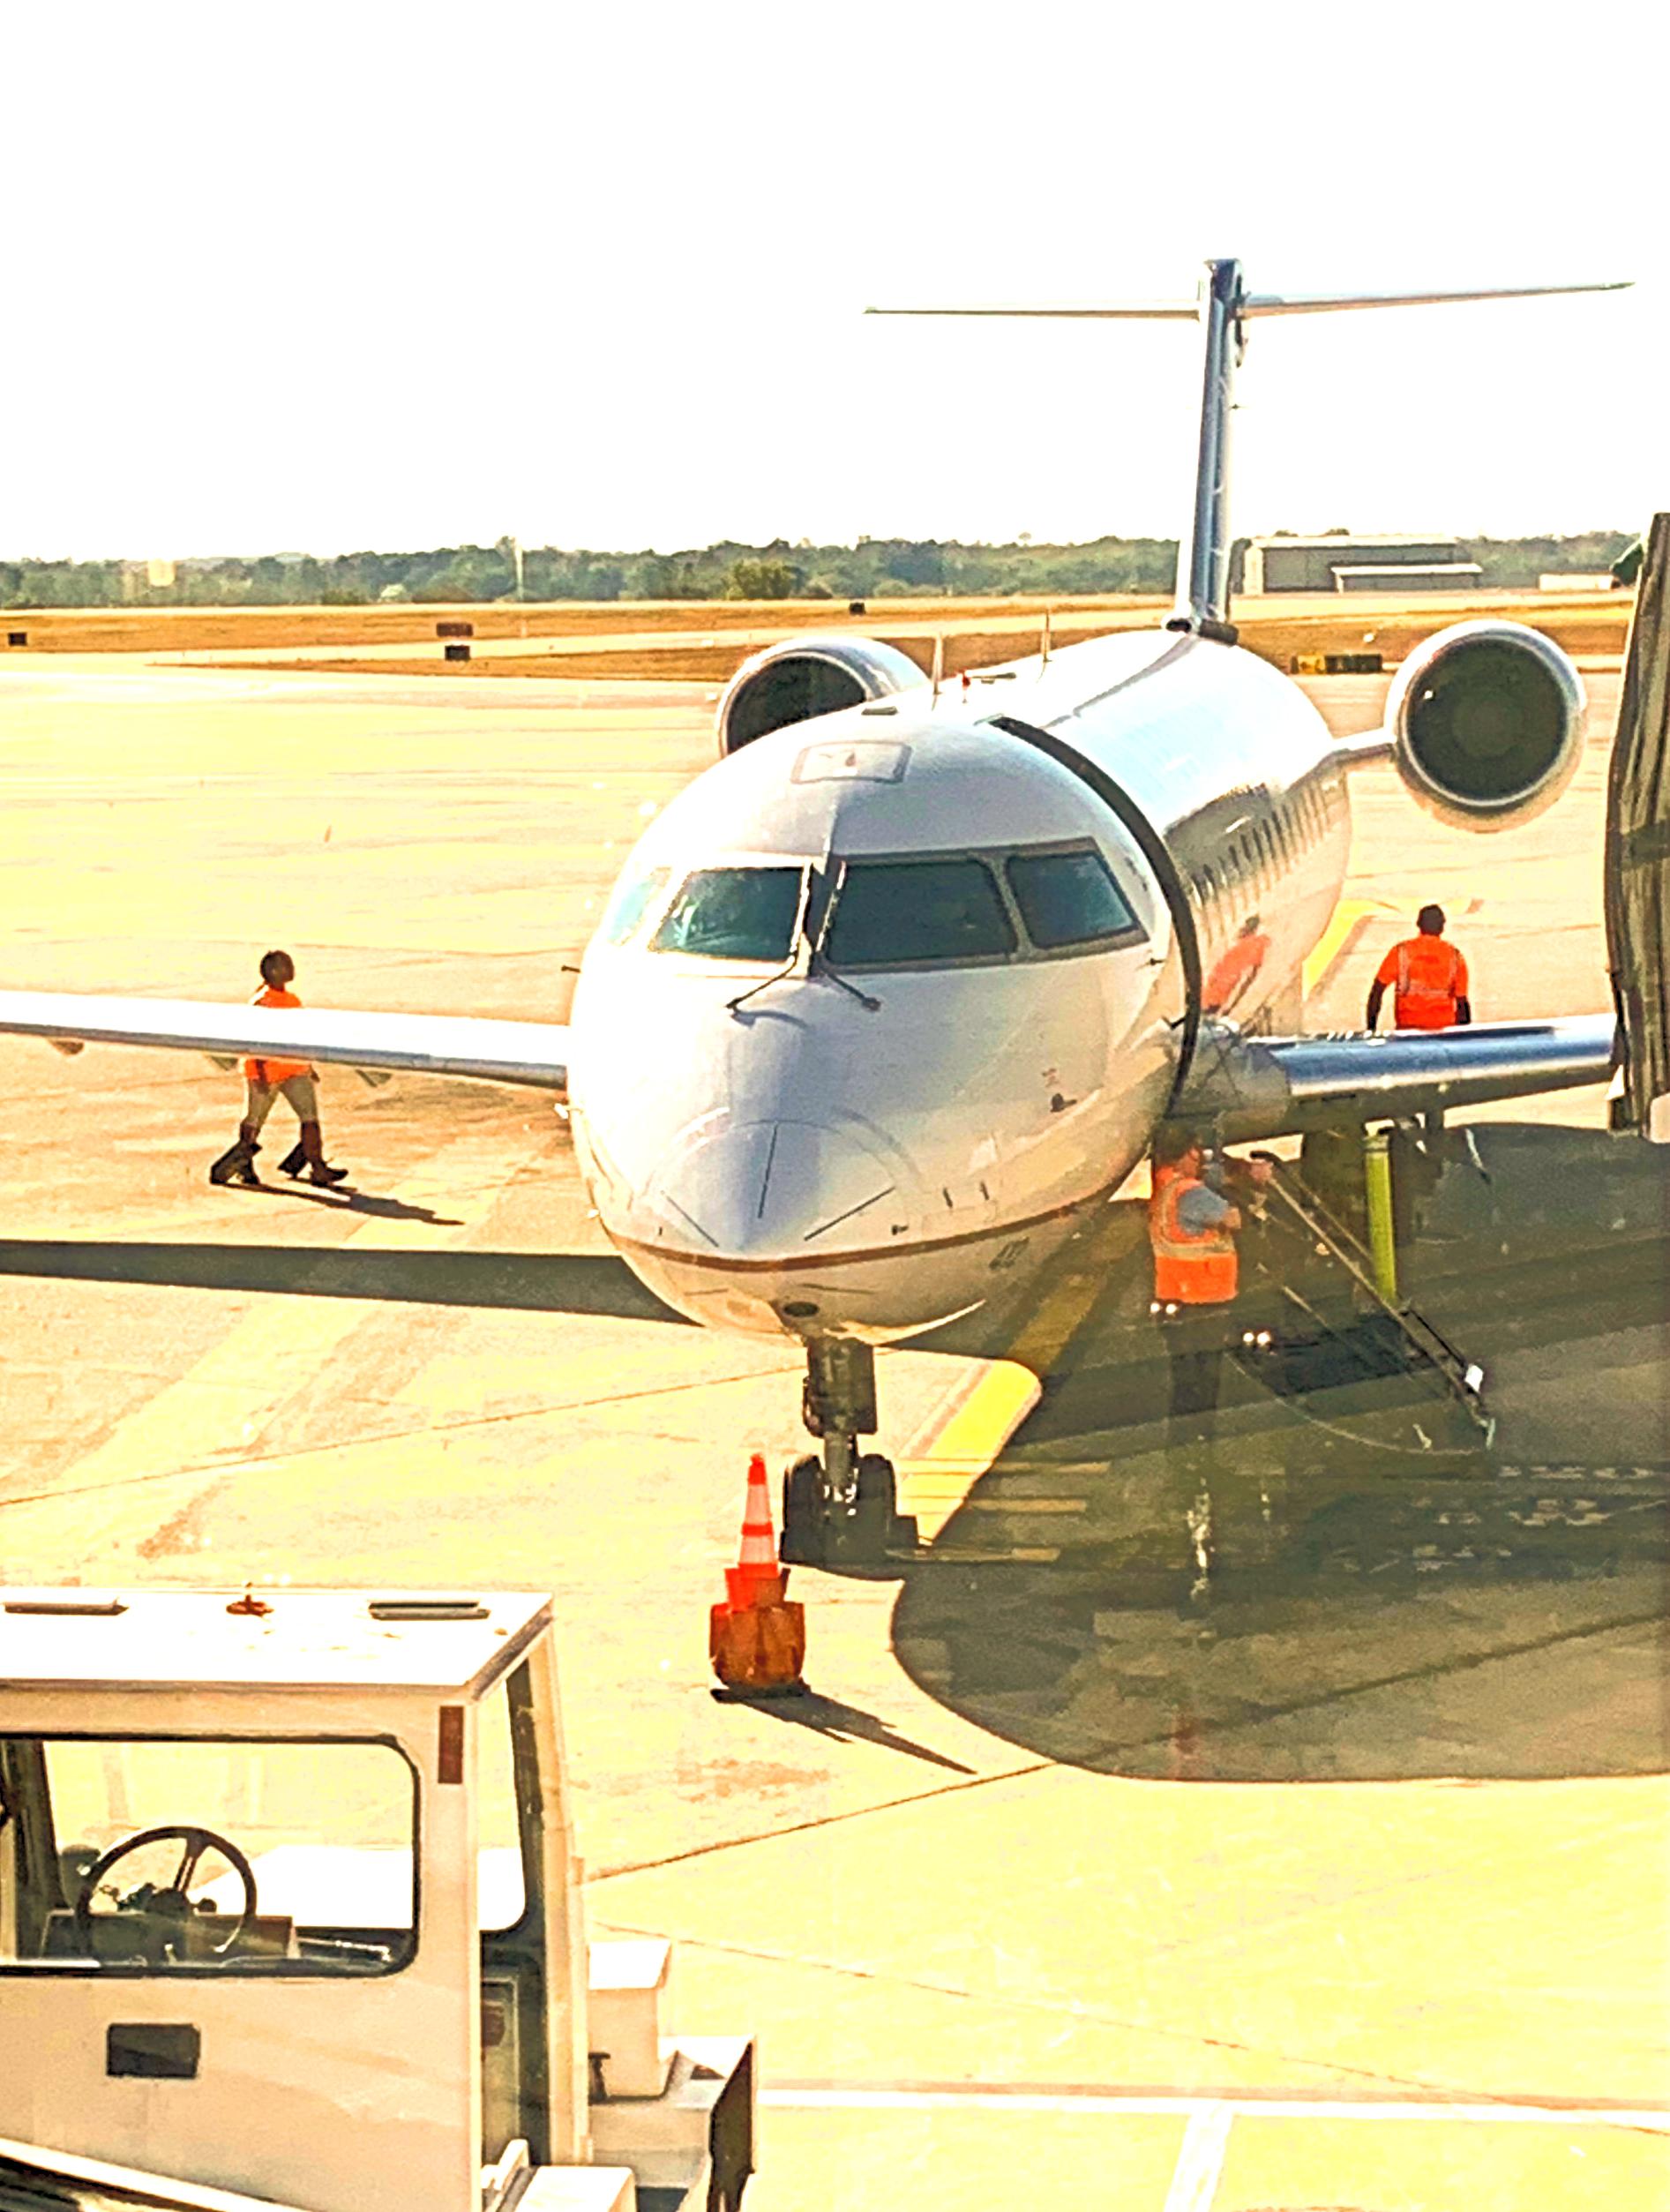 Air Crew AvSec